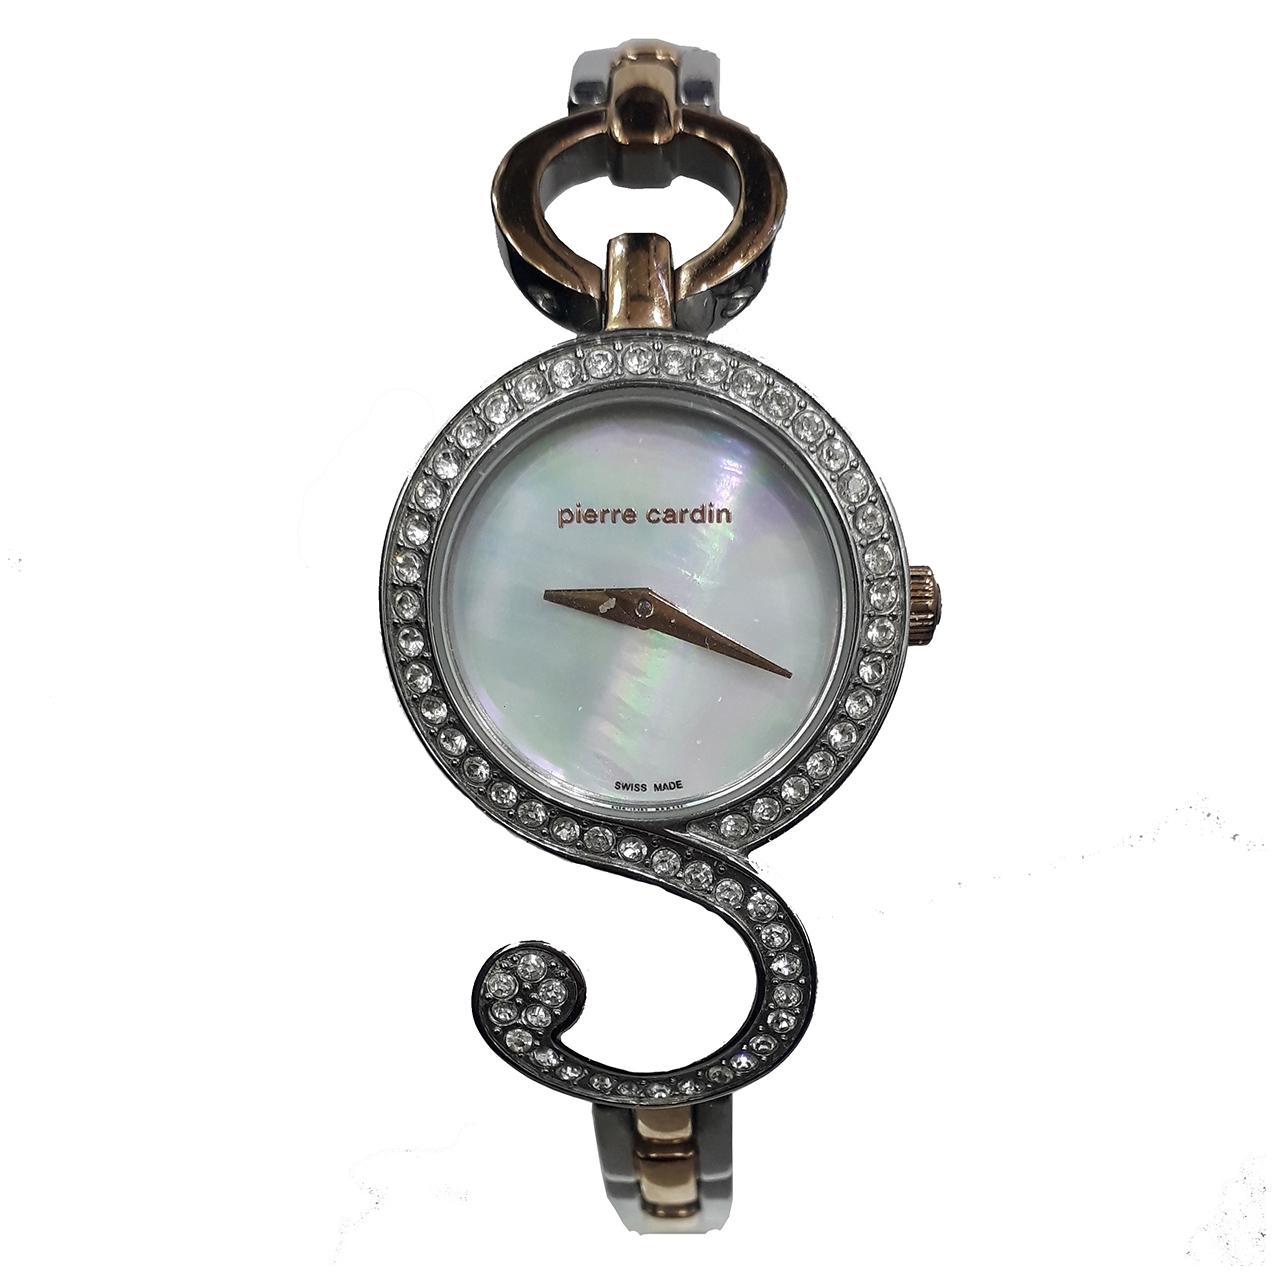 ساعت مچی عقربه ای زنانه پیر کاردین مدل PC107052S03